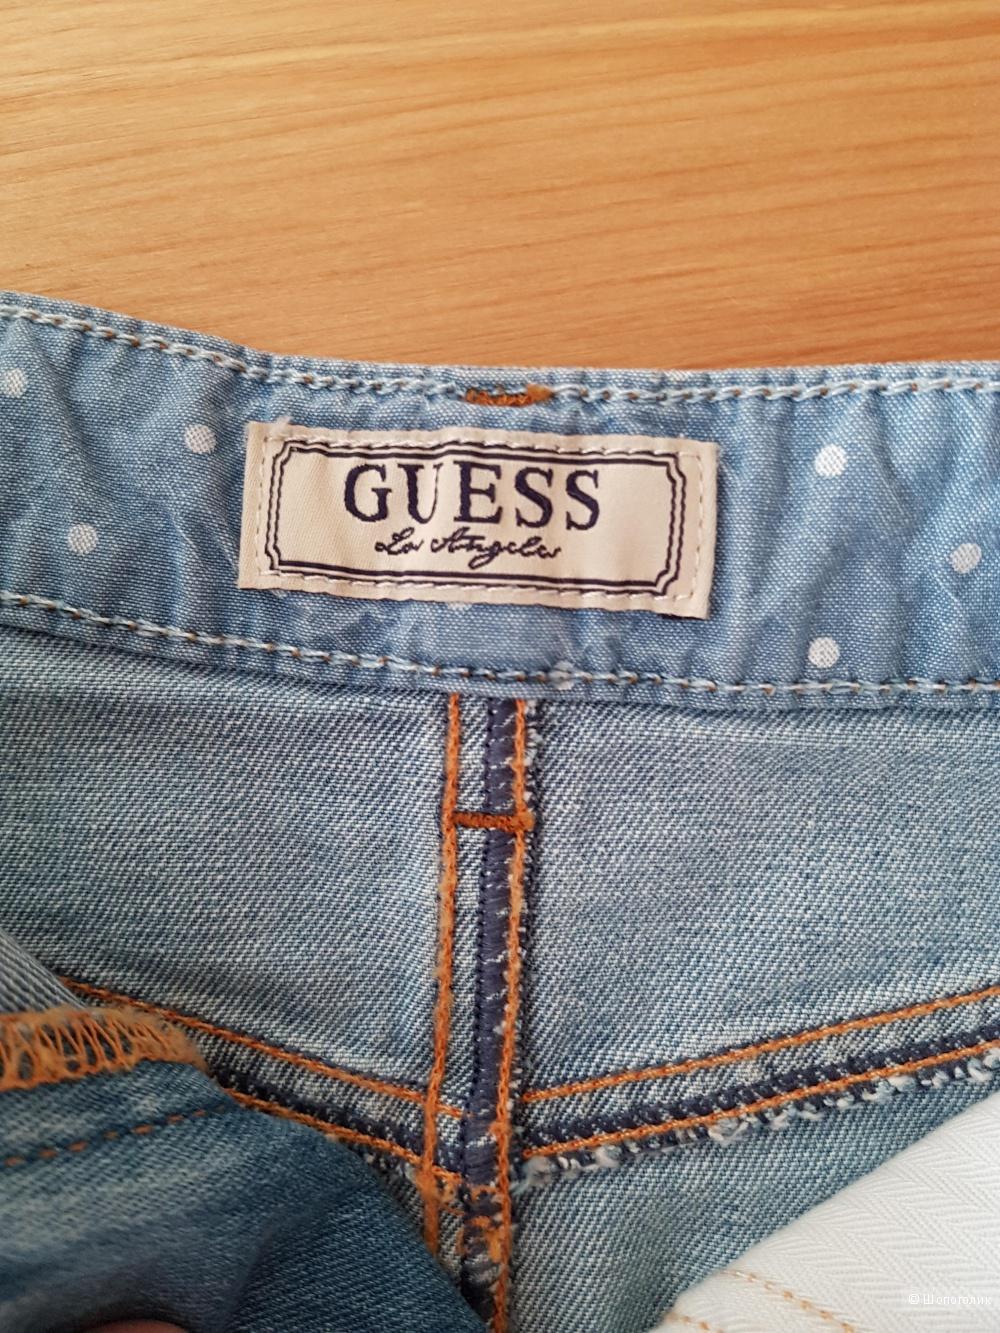 Джинсовая юбка Guess, размер 25